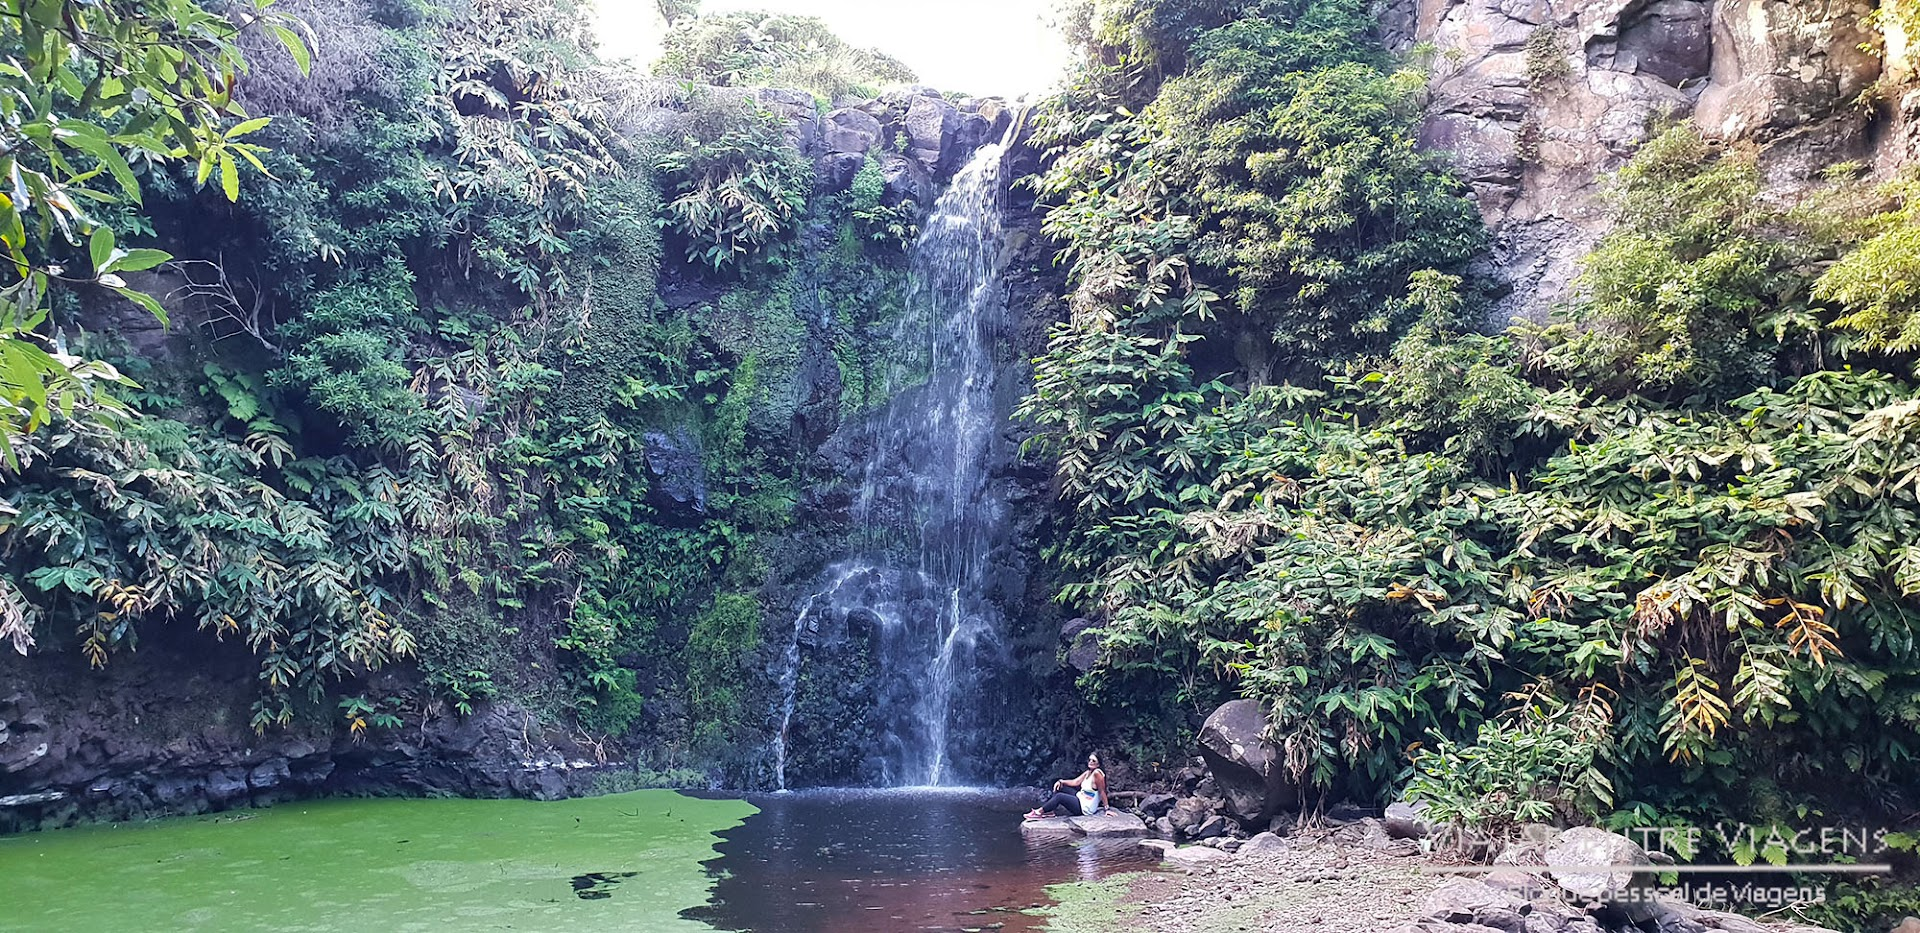 Visitar SÃO JORGE - O que ver e fazer na ilha das fajãs nos Açores